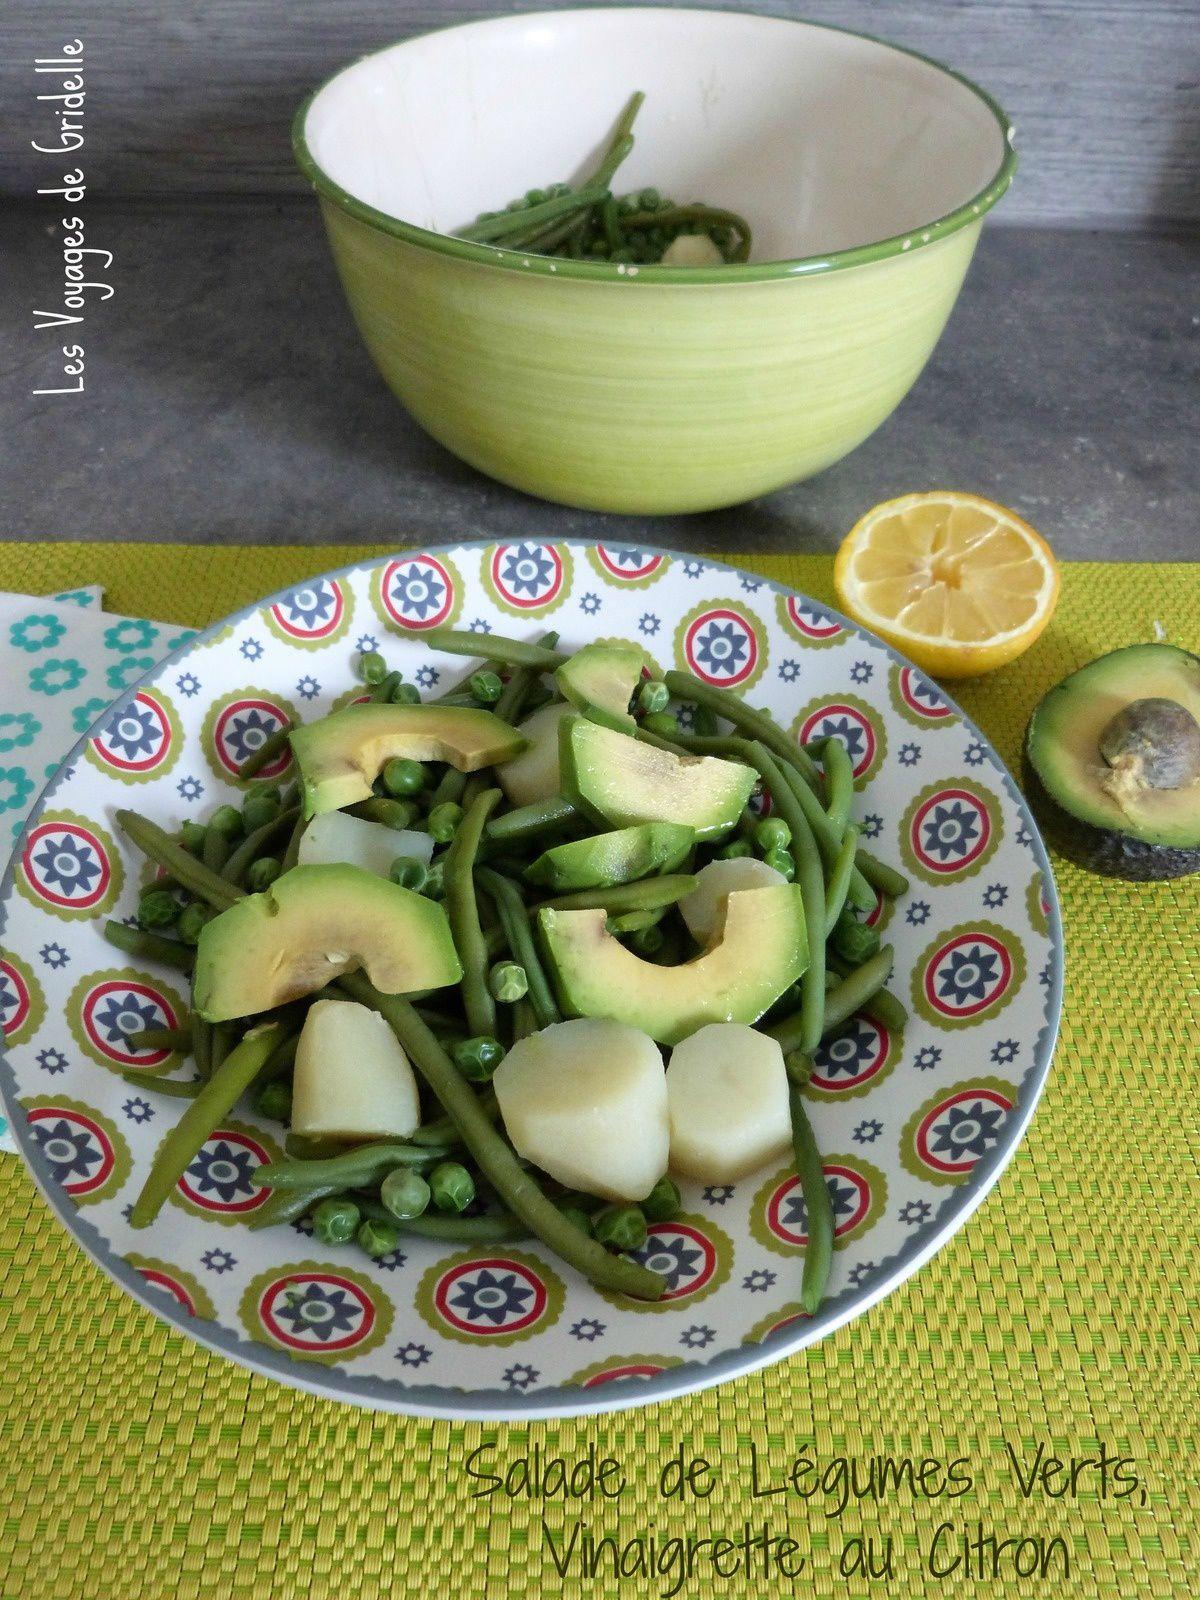 Salade de Légumes Verts, Vinaigrette au Citron